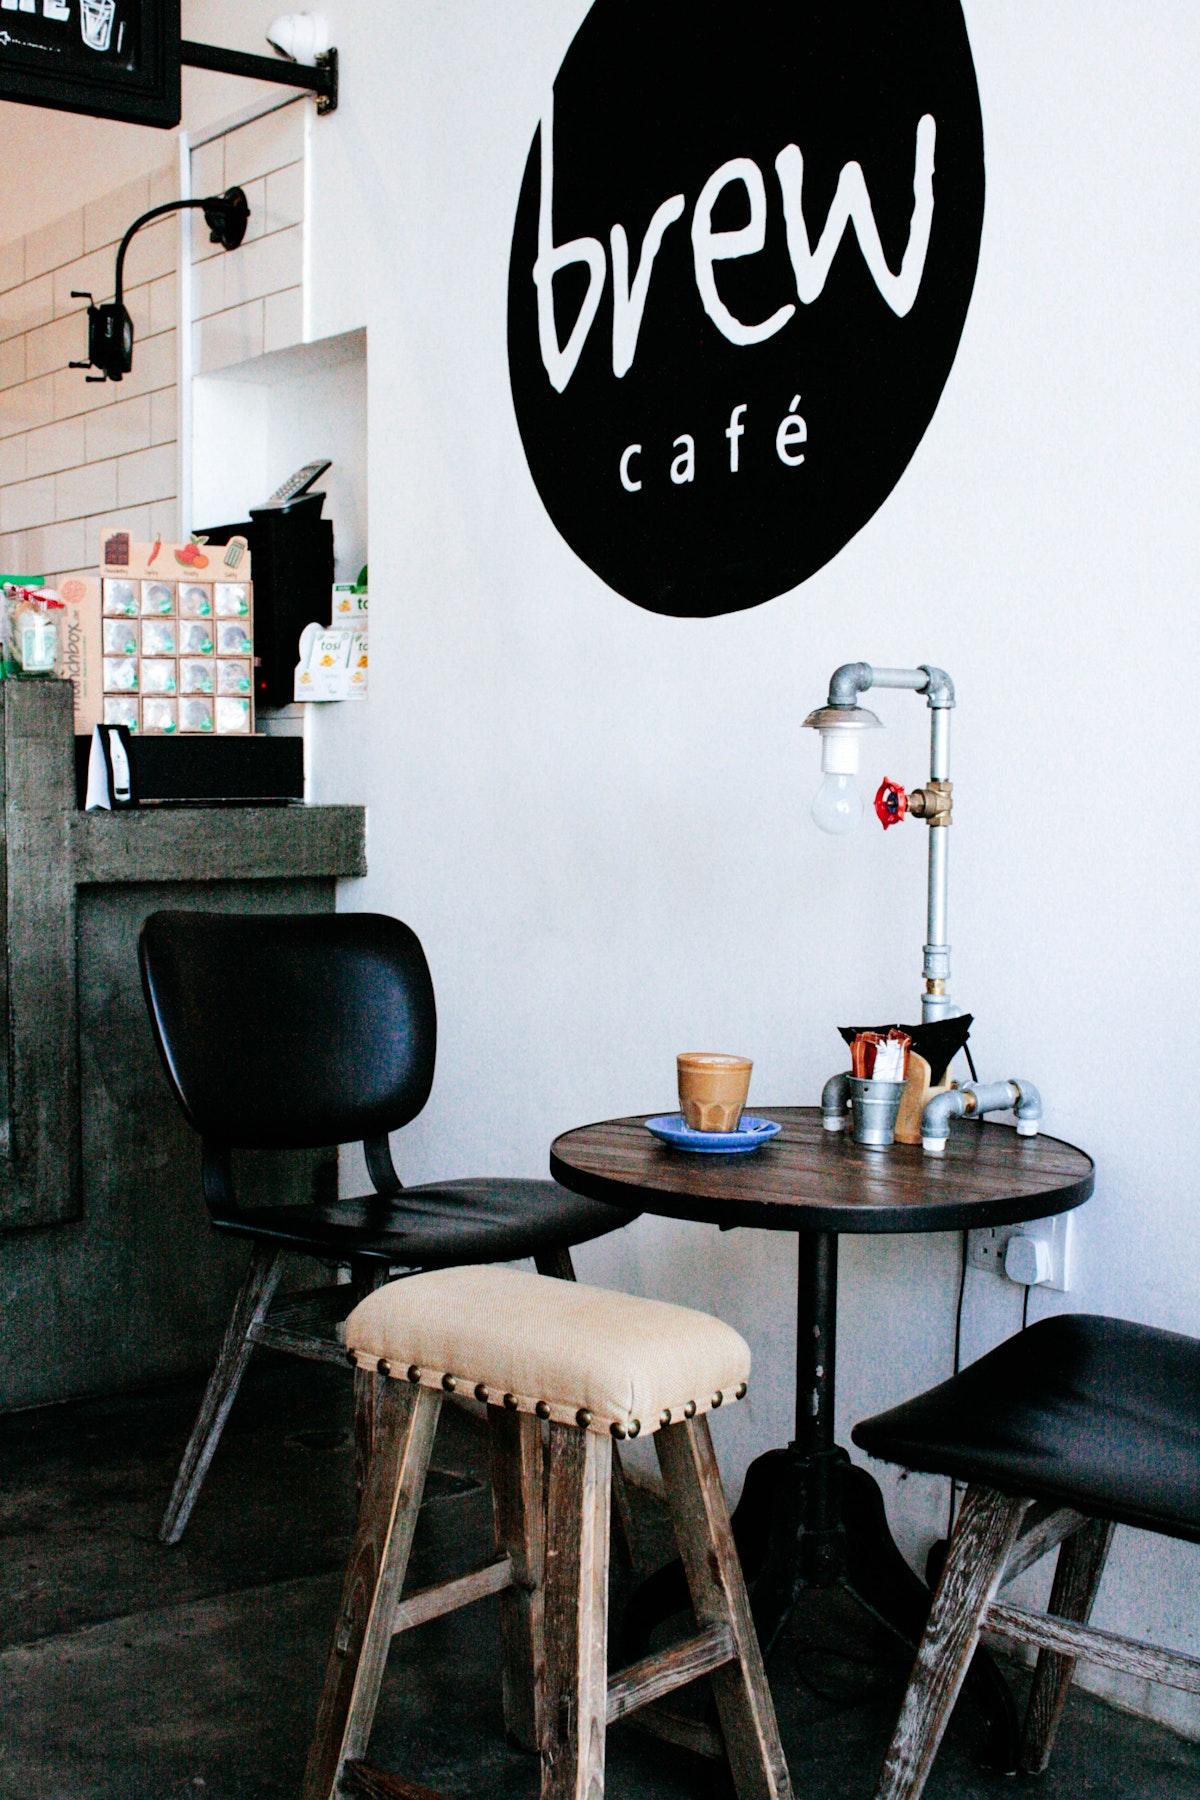 Brew Cafe